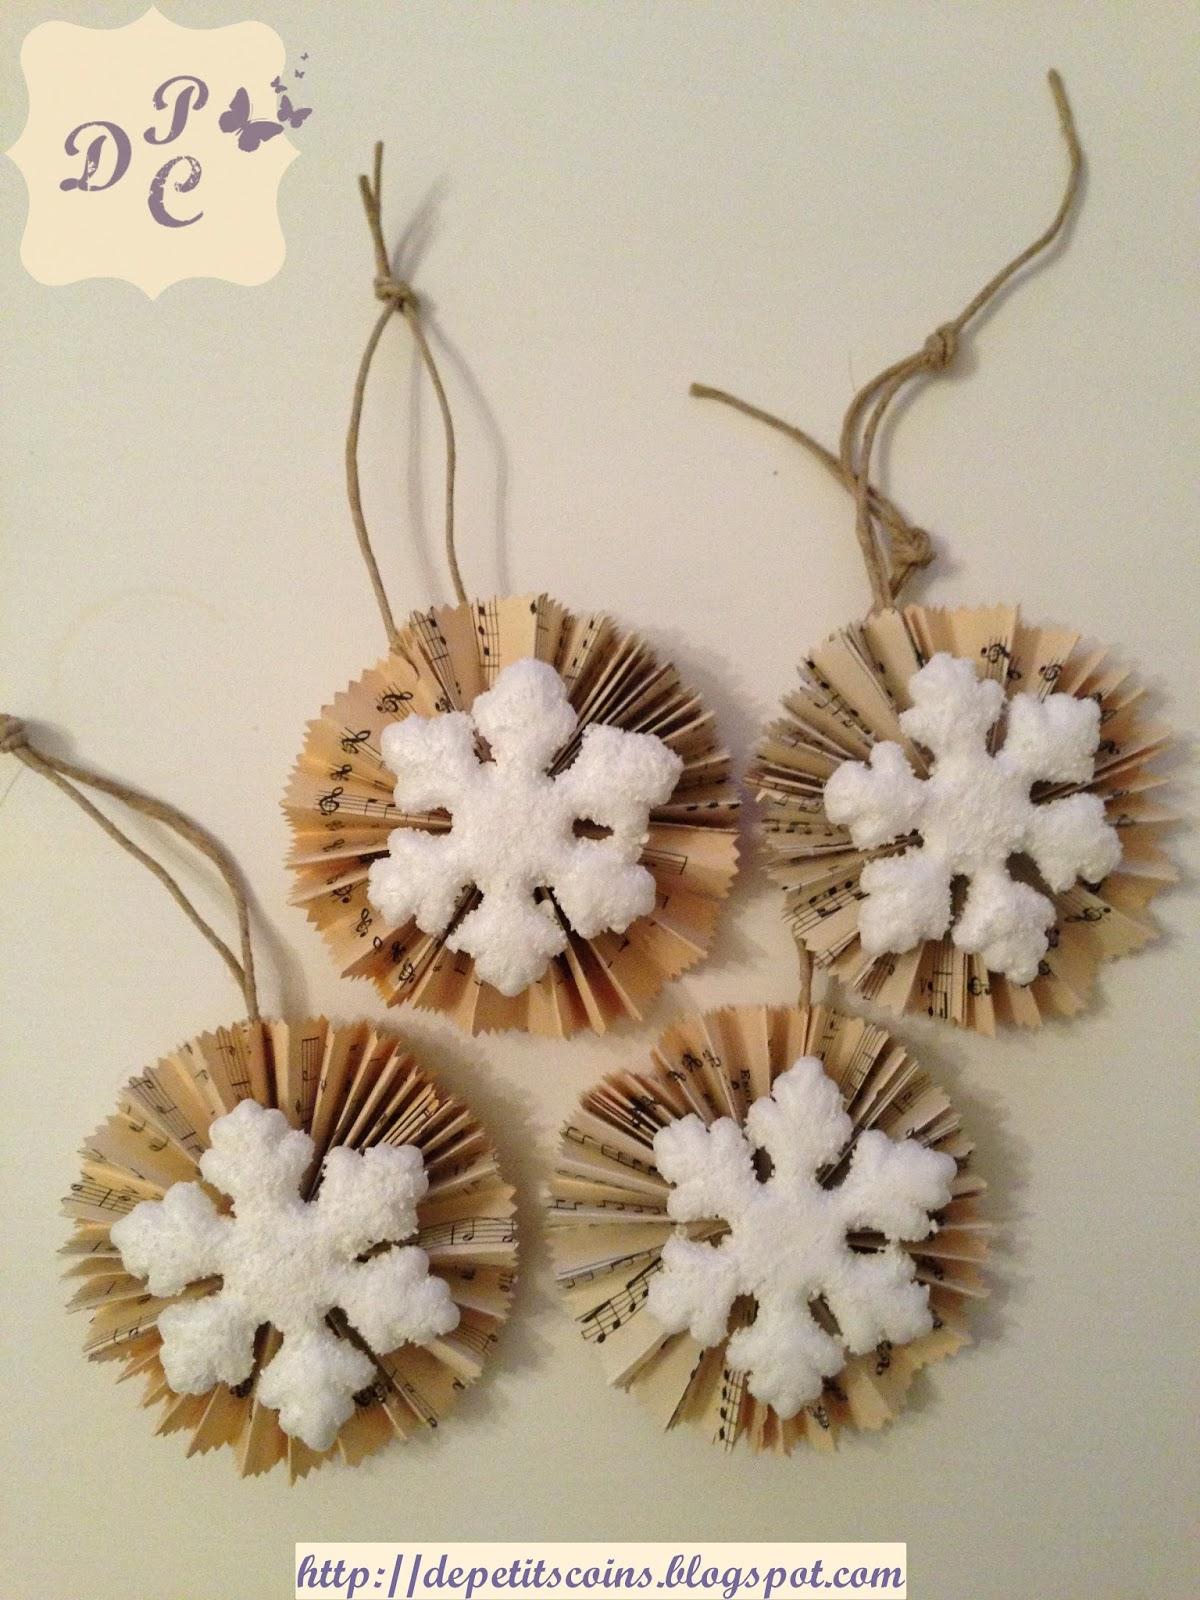 De petits coins decorazioni natalizie con spartito musicale - Decorazioni natalizie country fai da te ...